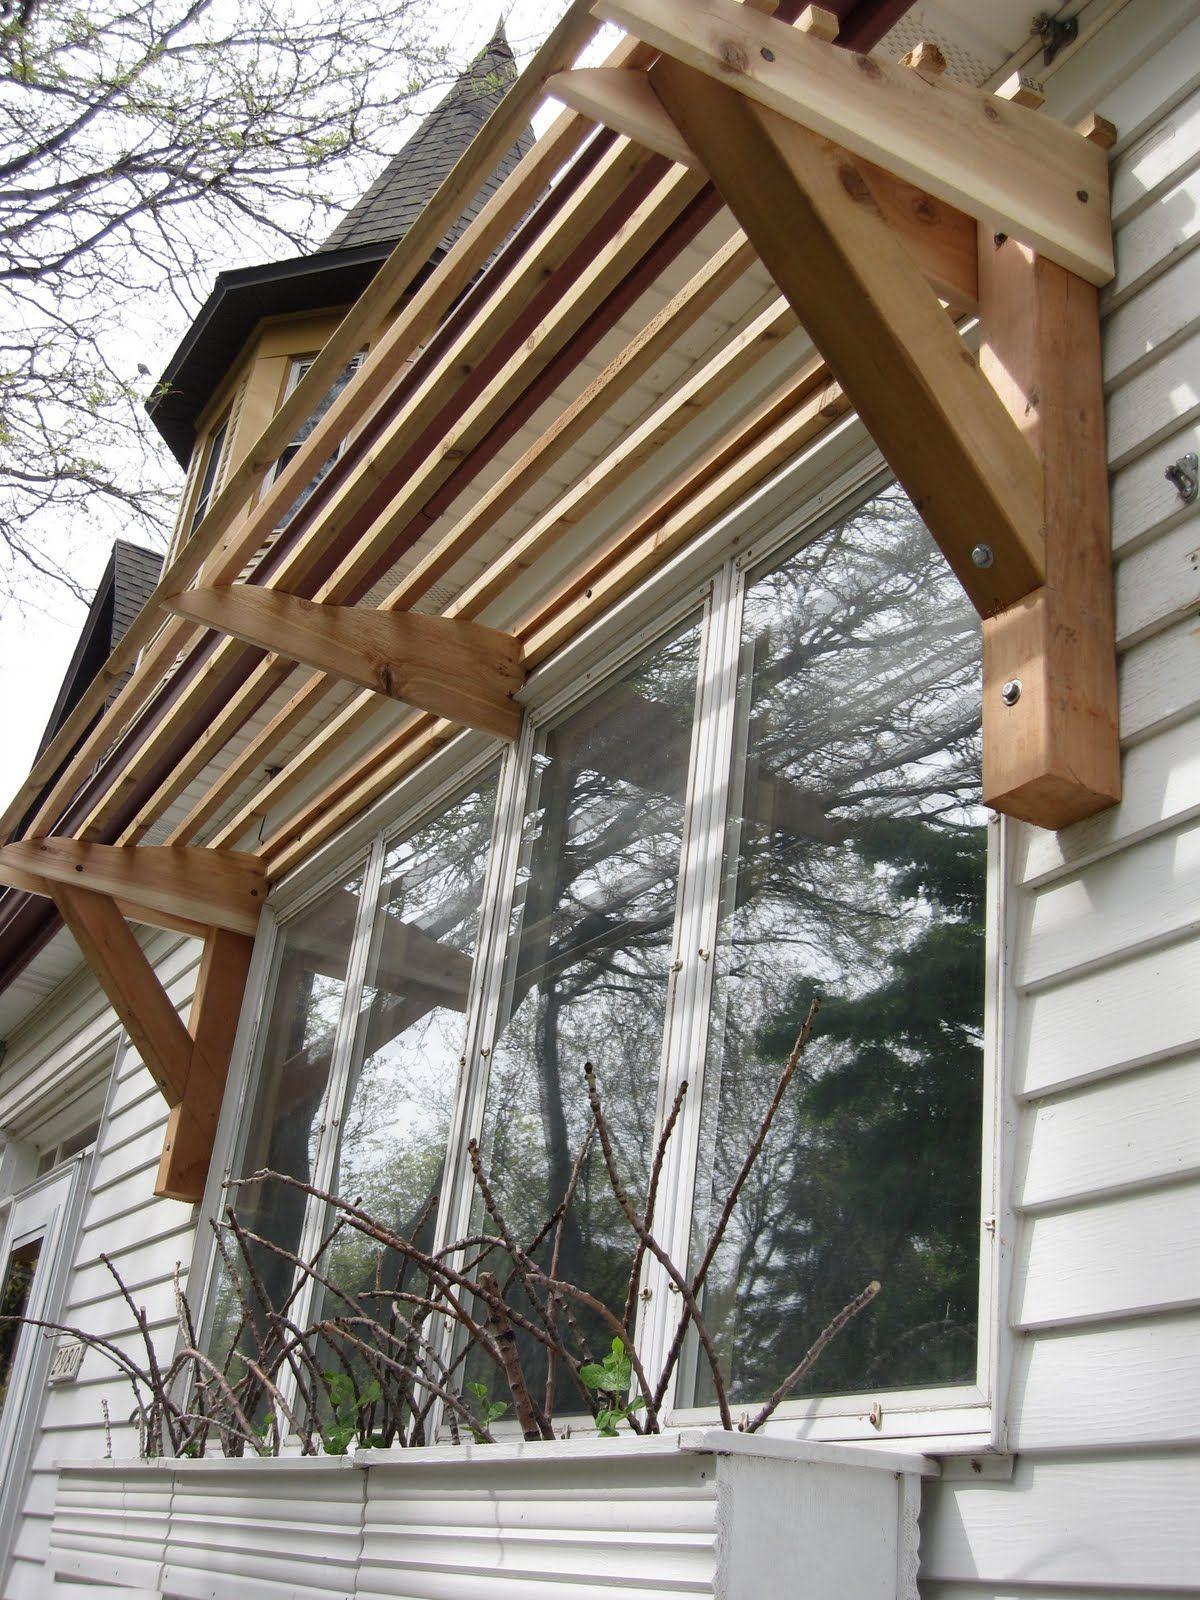 Horizontal Slat Awning All Wood Diy Awning Pergola Indoor Window